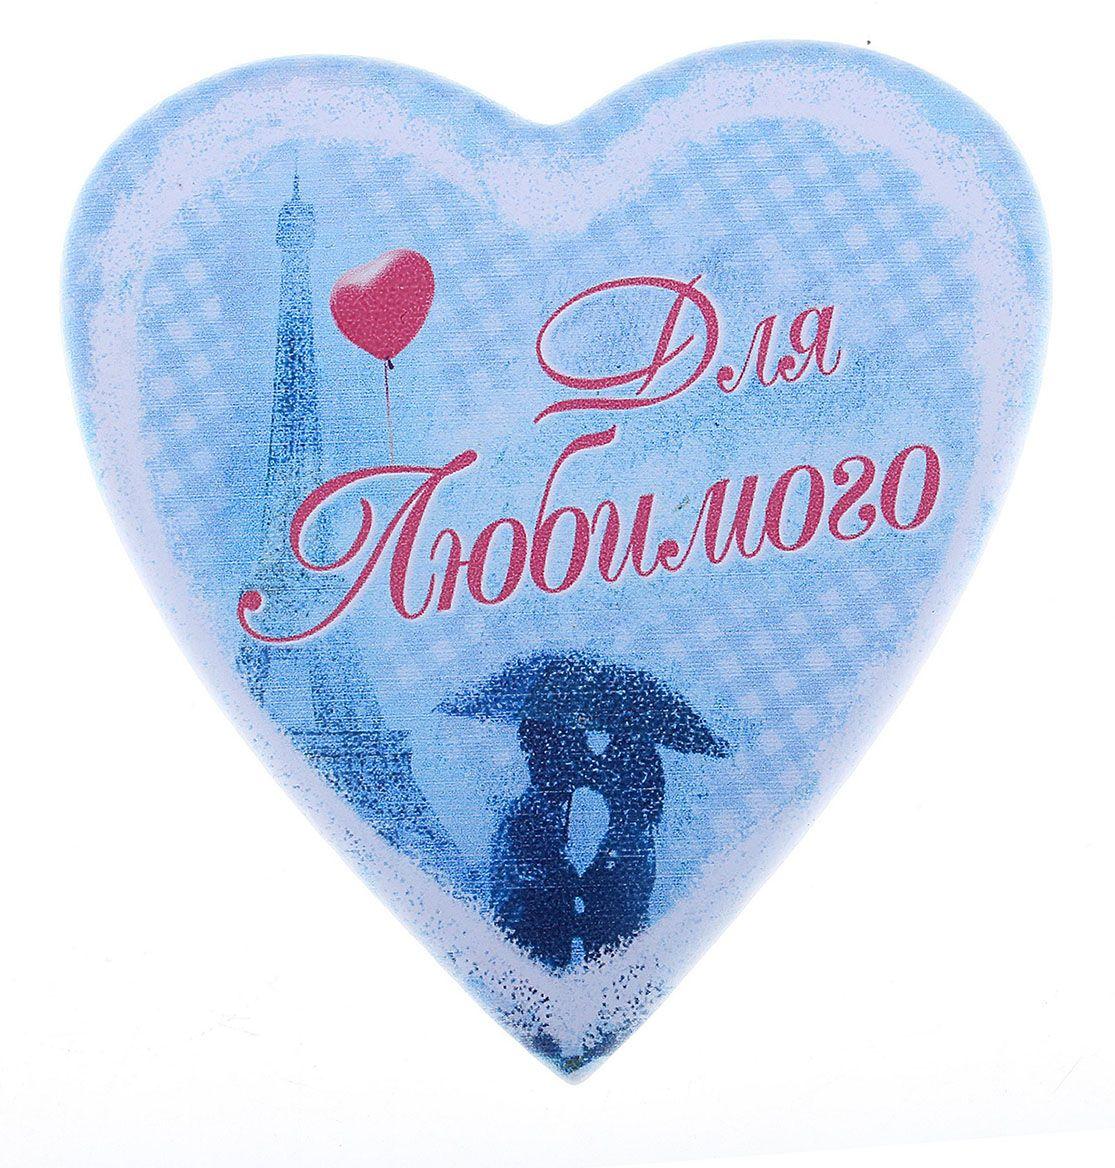 Картинки сердечек с надписью для ромы